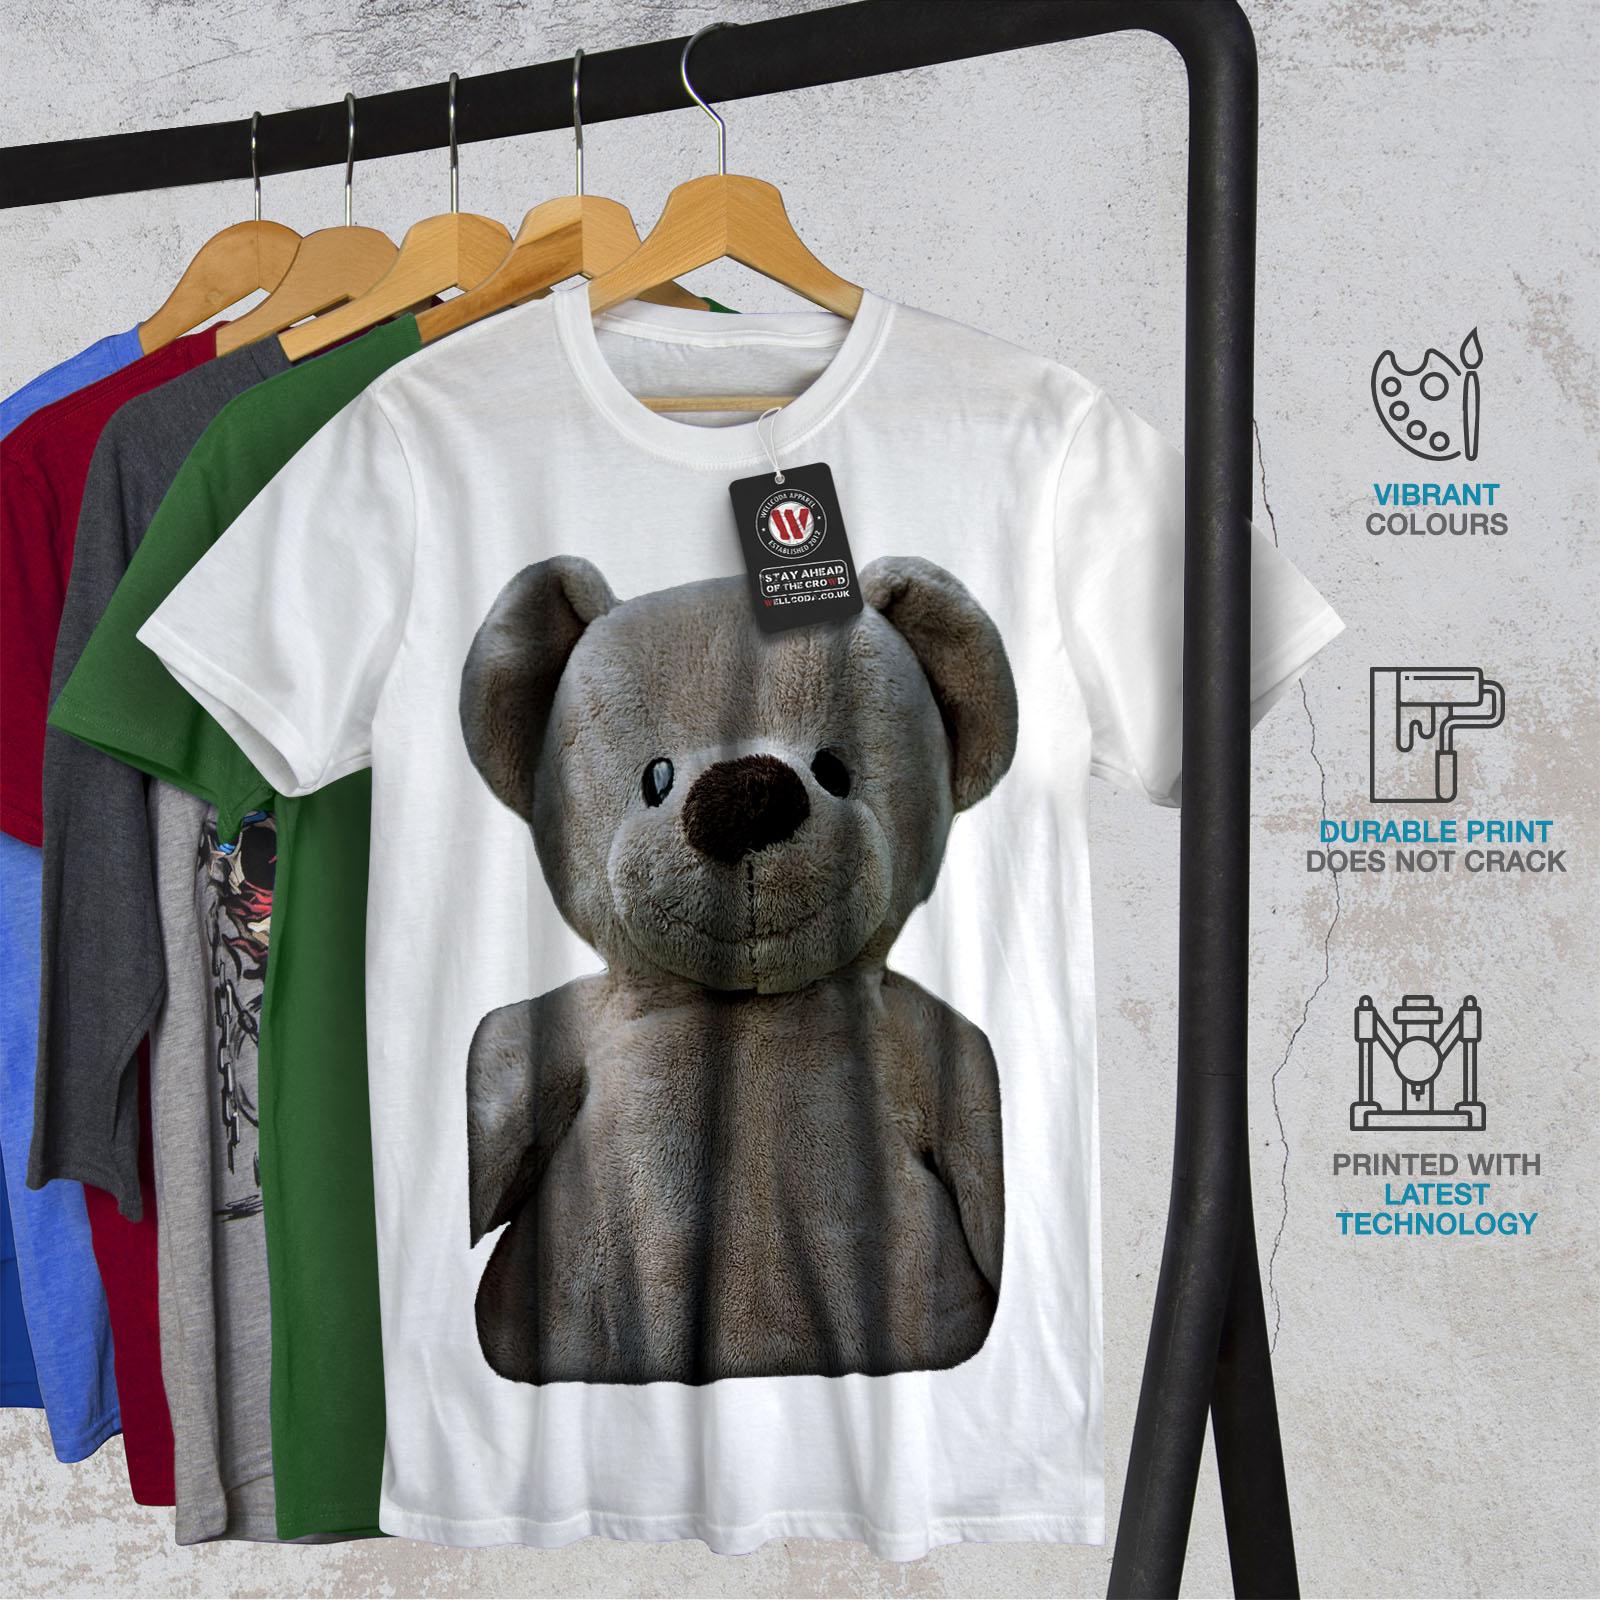 miniature 12 - Wellcoda Cute Plush Mens T-shirt, Teddy Bear Graphic Design Printed Tee